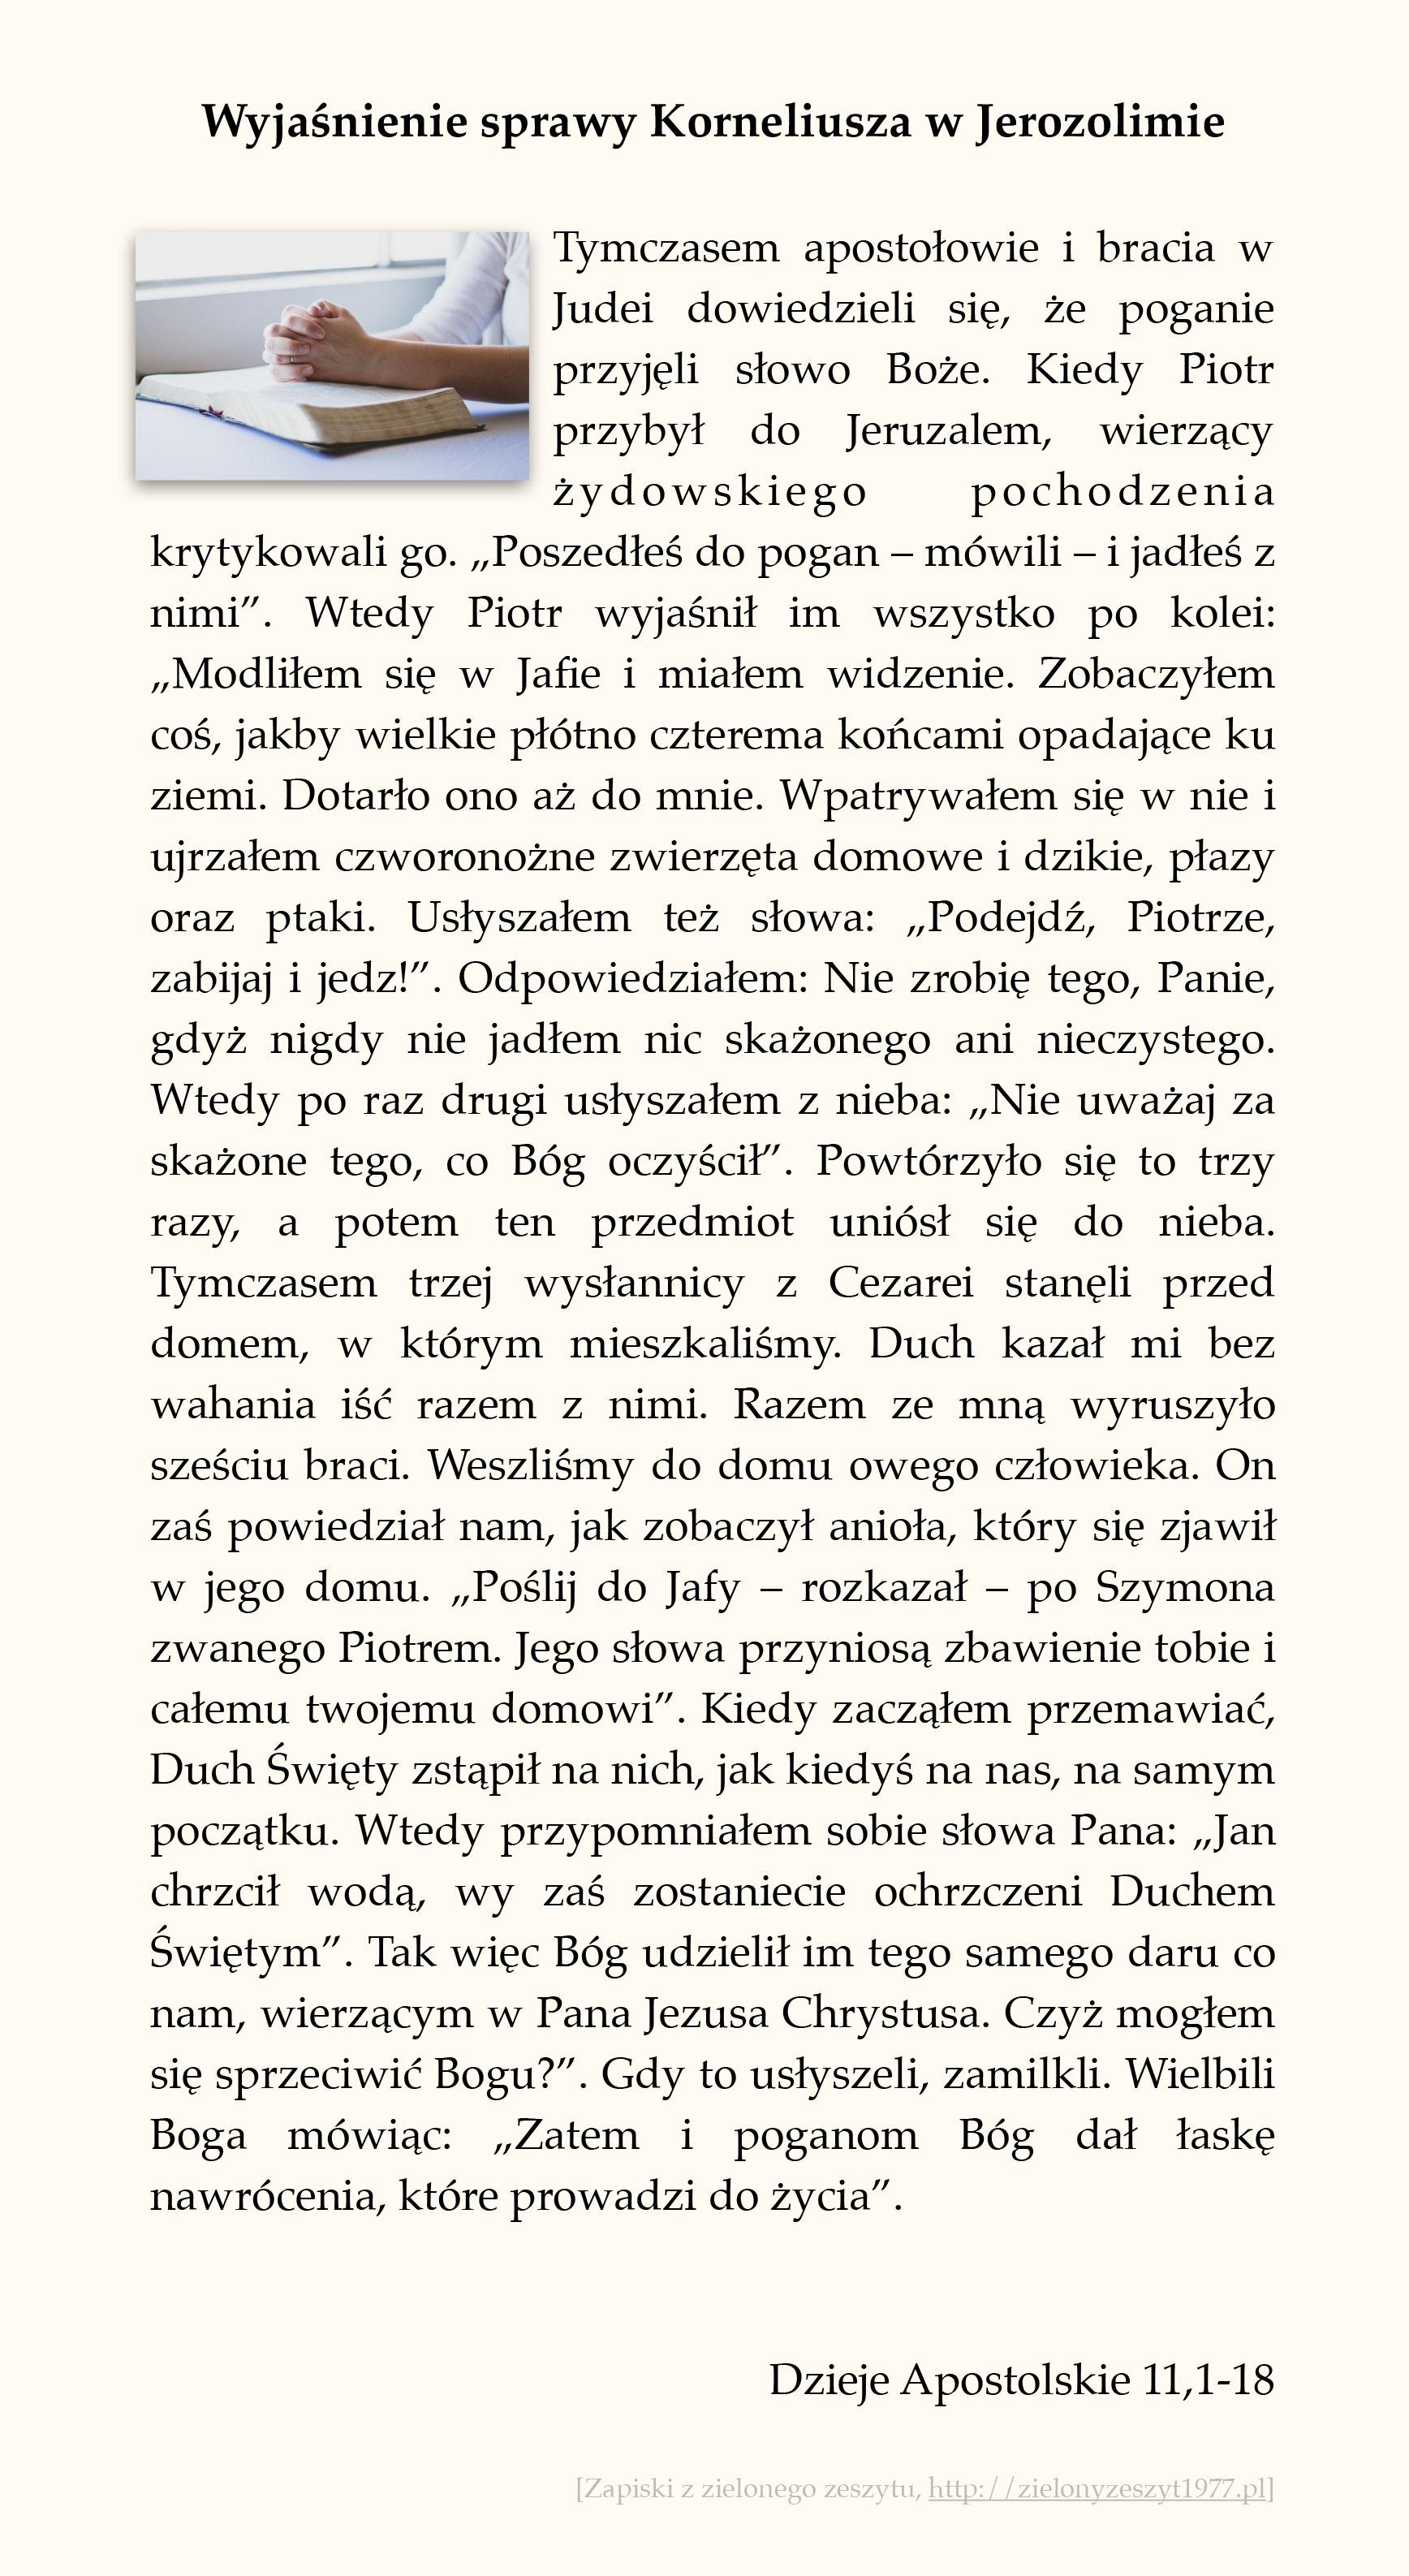 Wyjaśnienie sprawy Korneliusza w Jerozolimie; Dzieje Apostolskie (#51)